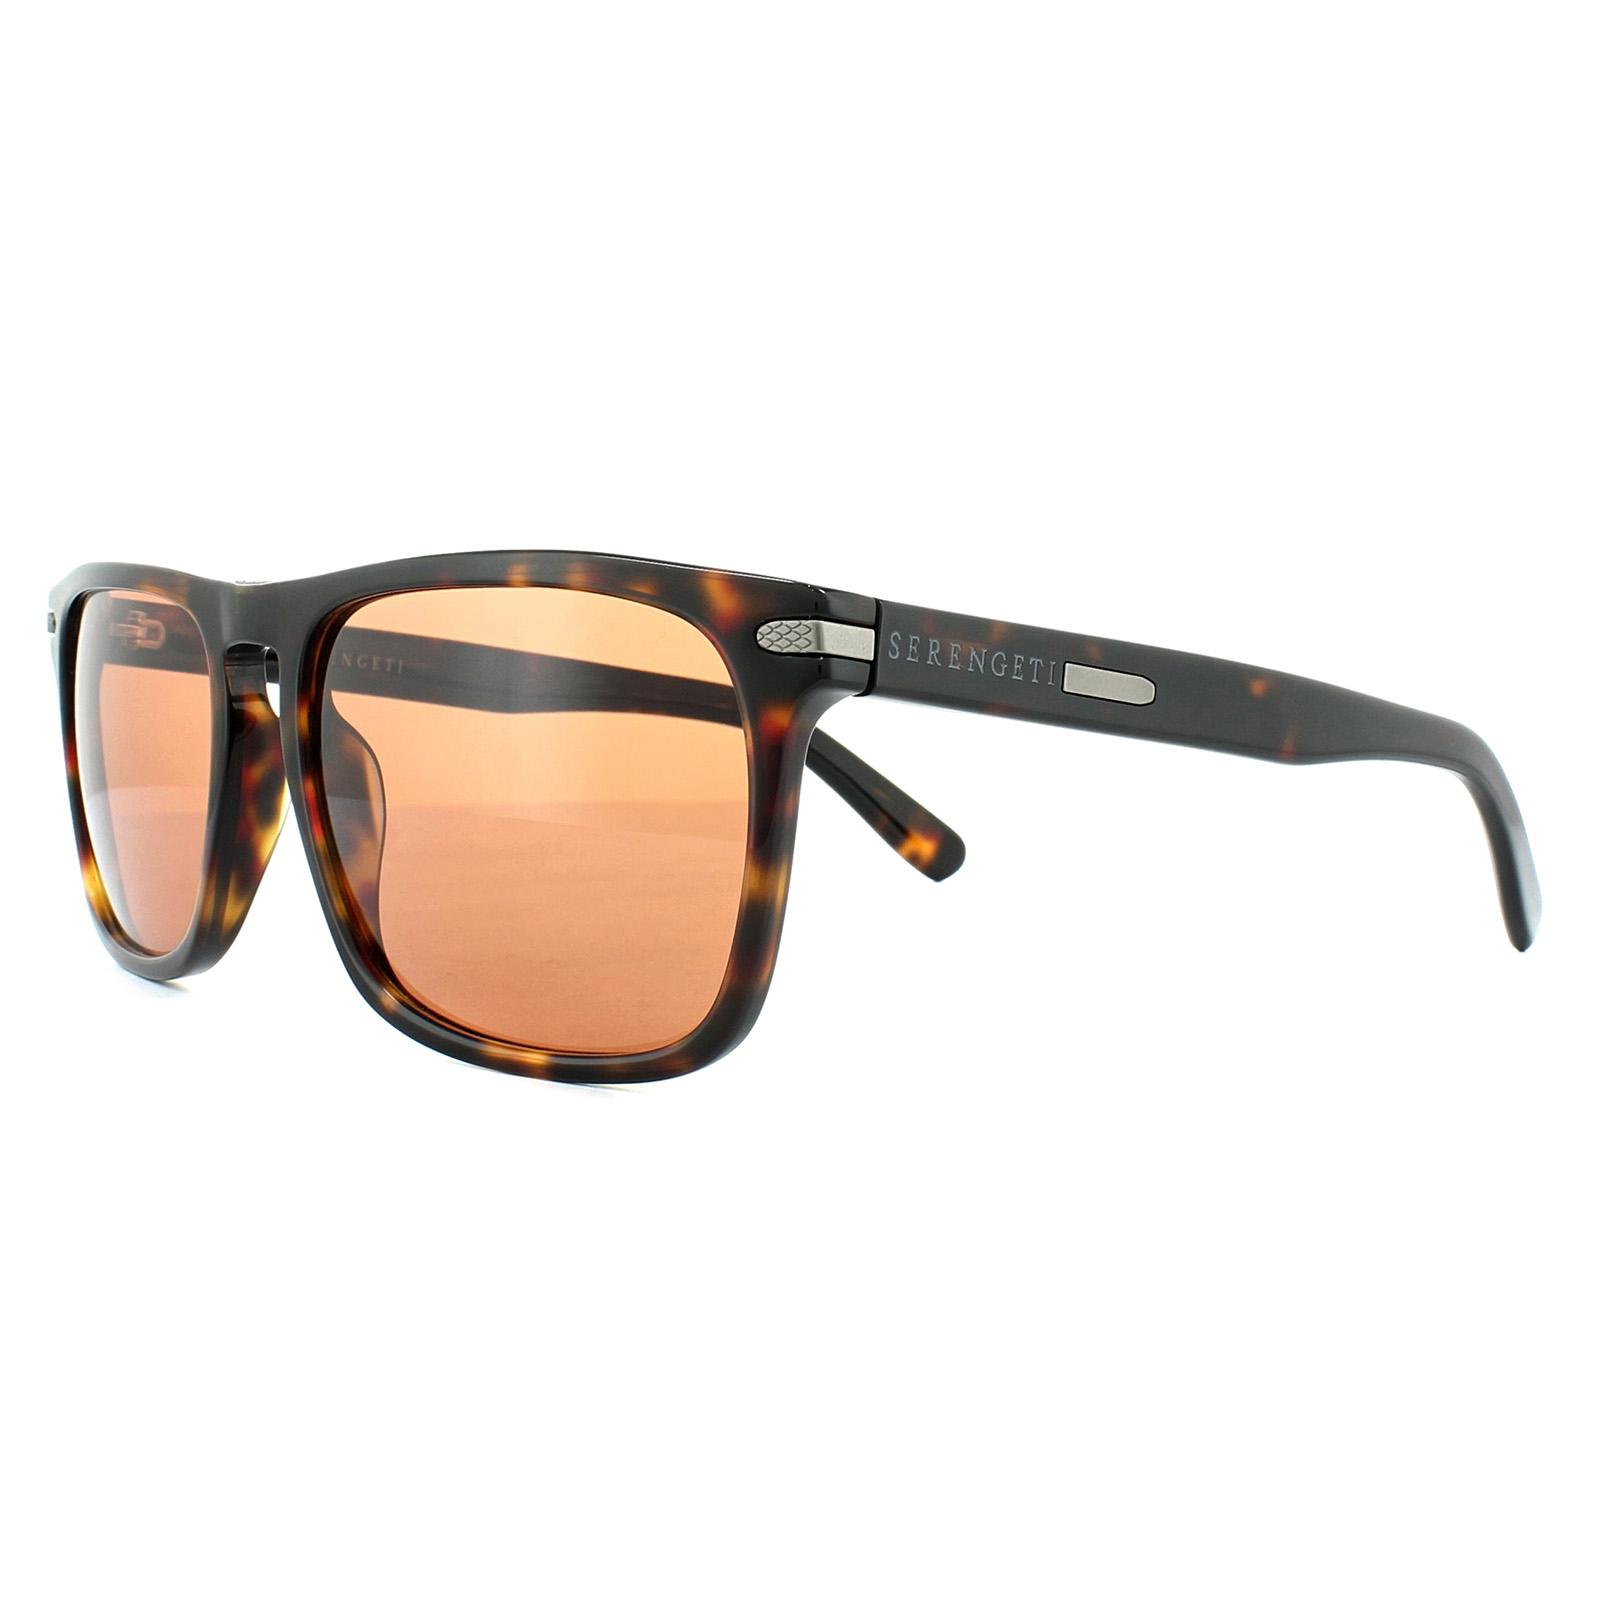 d11278213b Cheap Serengeti Large Carlo Sunglasses - Discounted Sunglasses